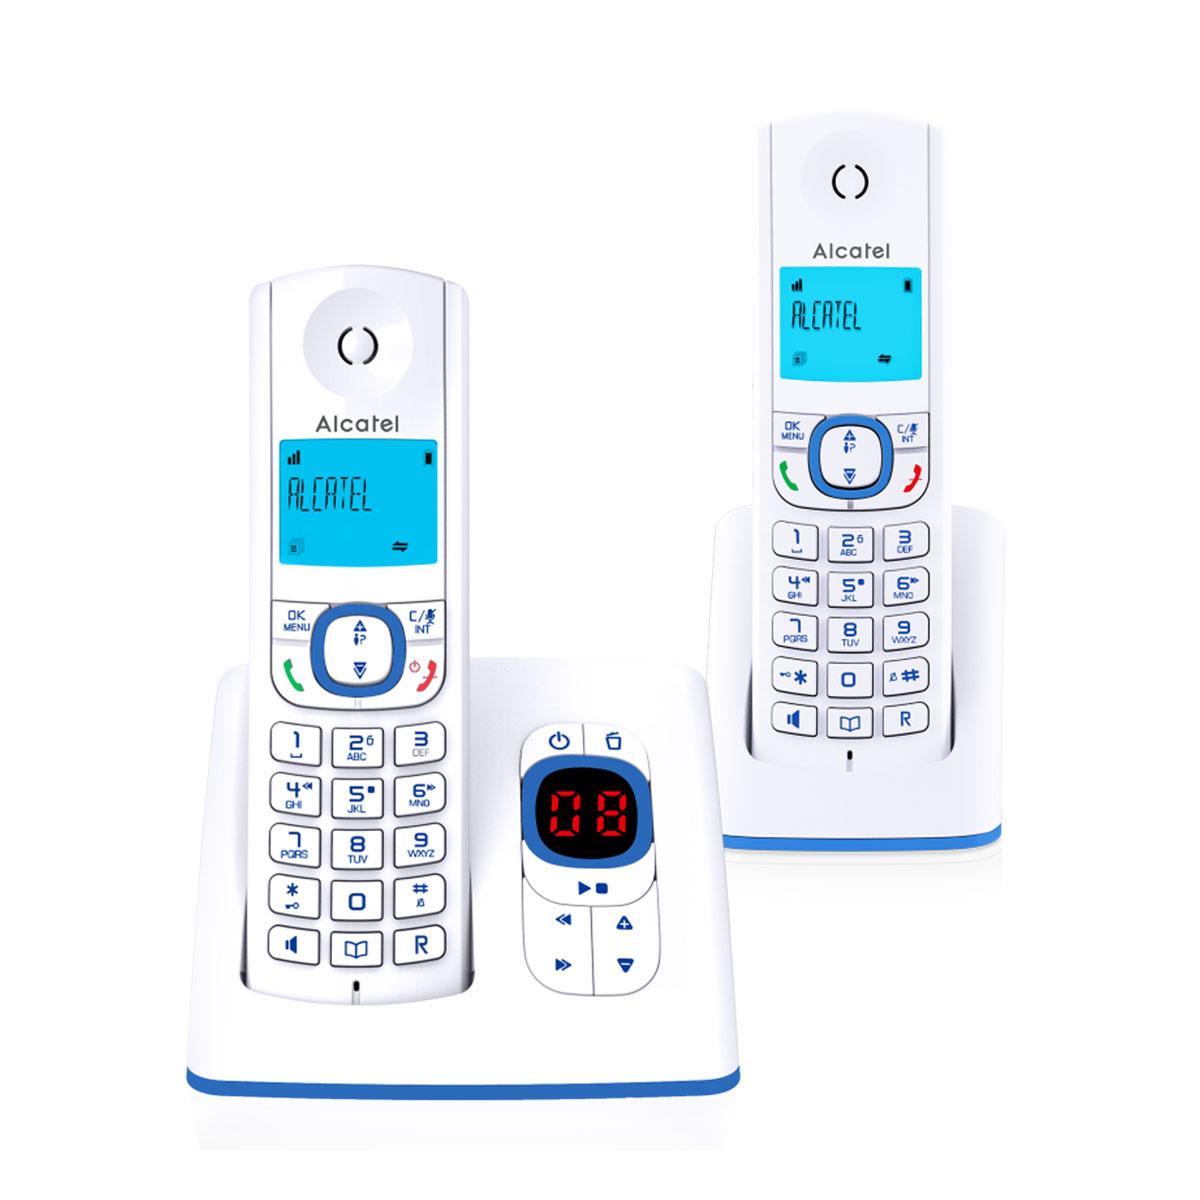 Téléphone sans fil Alcatel F530 Voice Duo Bleu Téléphone sans fil avec répondeur et 1 combiné supplémentaire